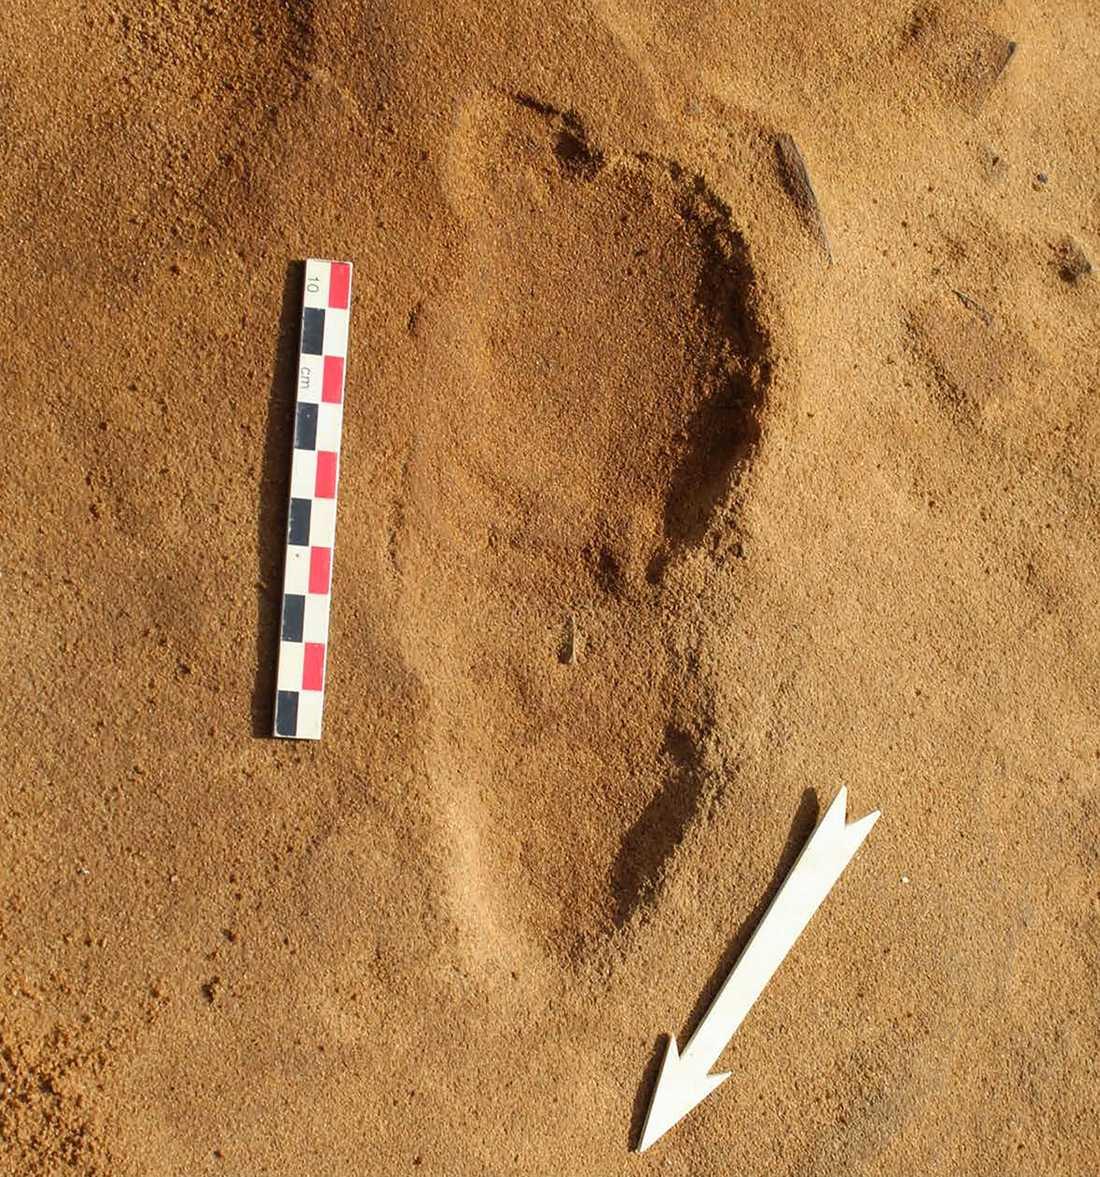 I 80000 år har detta fotavtryck från en neandertalare, som var mer bredfotad än vi, bevarats i sanden i Normandie där det nu har upptäckts tillsammans med 256 andra avtryck.